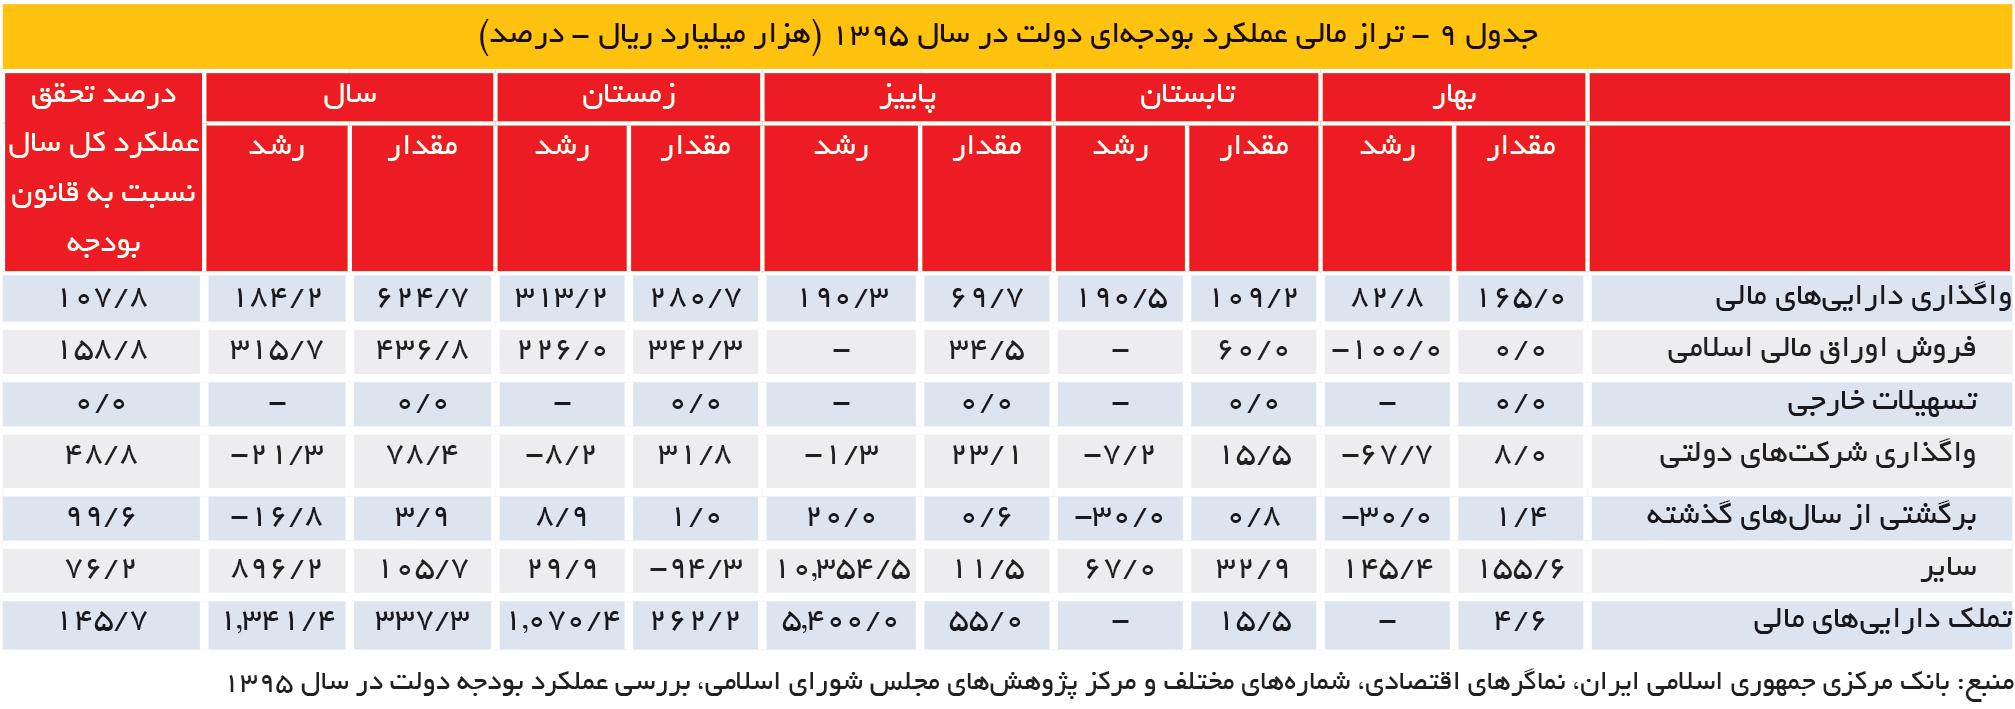 تجارت- فردا- جدول 9 - تراز مالی عملکرد بودجهای دولت در سال 1395 (هزار میلیارد ریال - درصد)